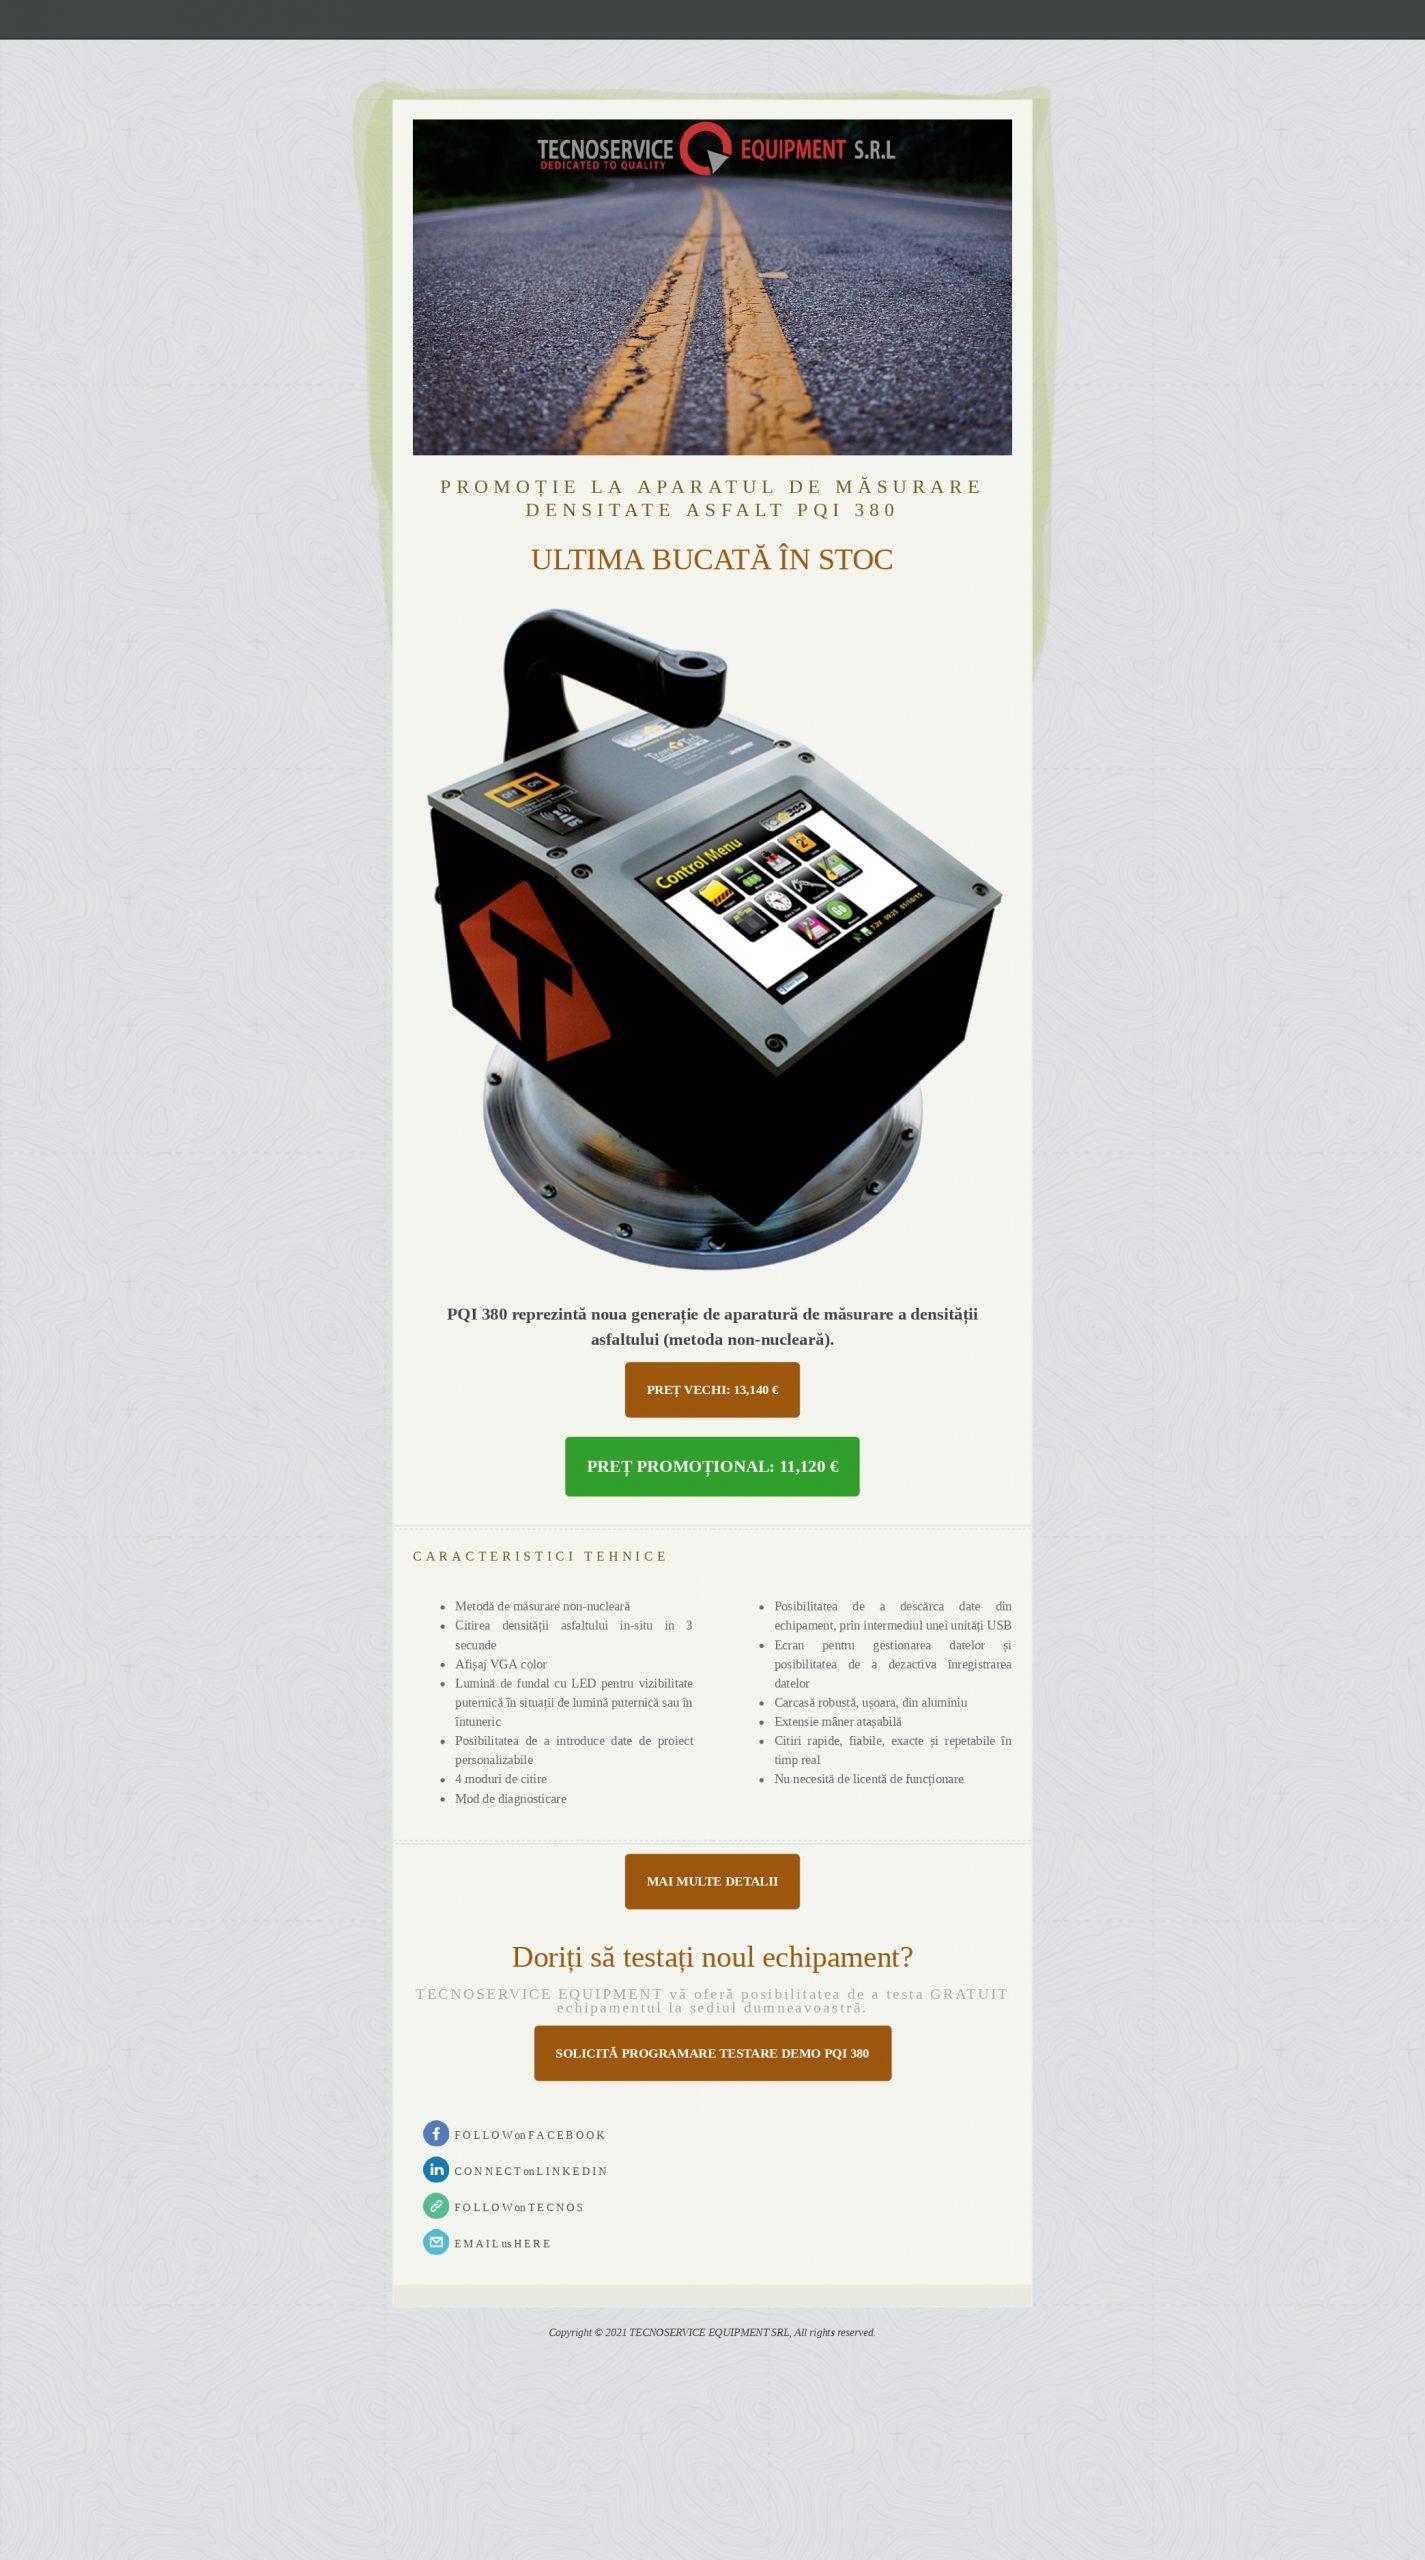 NL15 - Promotie PQI 380